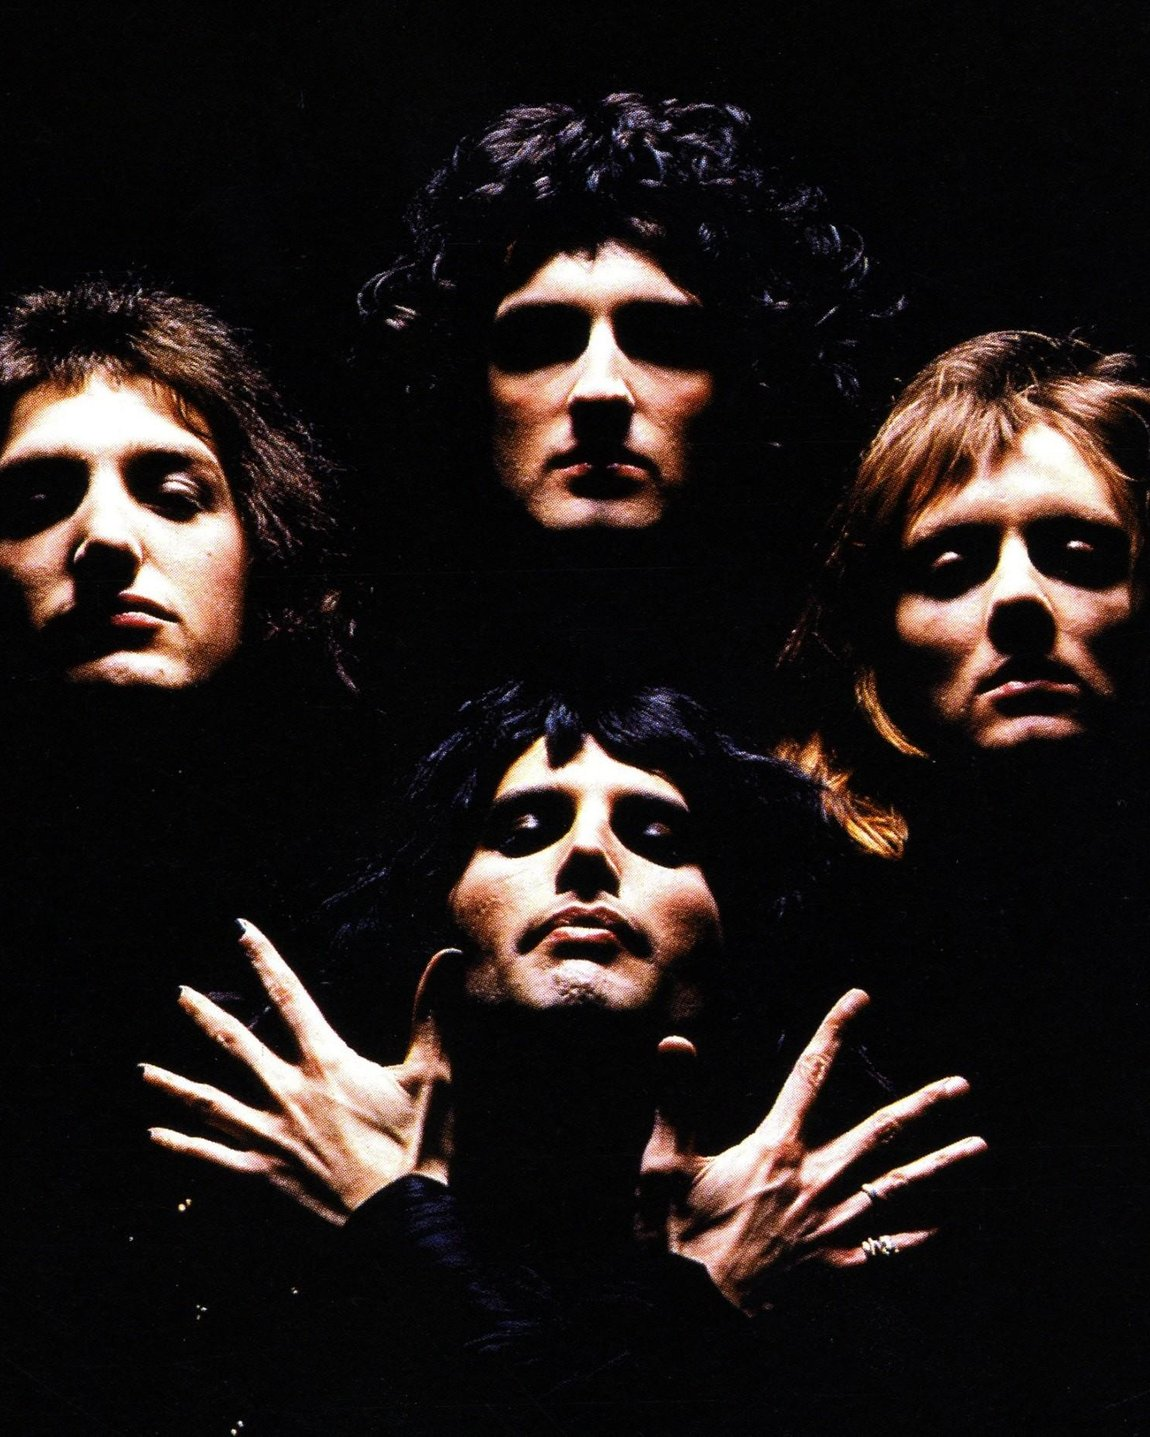 ¿Que significa realmente Bohemian Rhapsody?